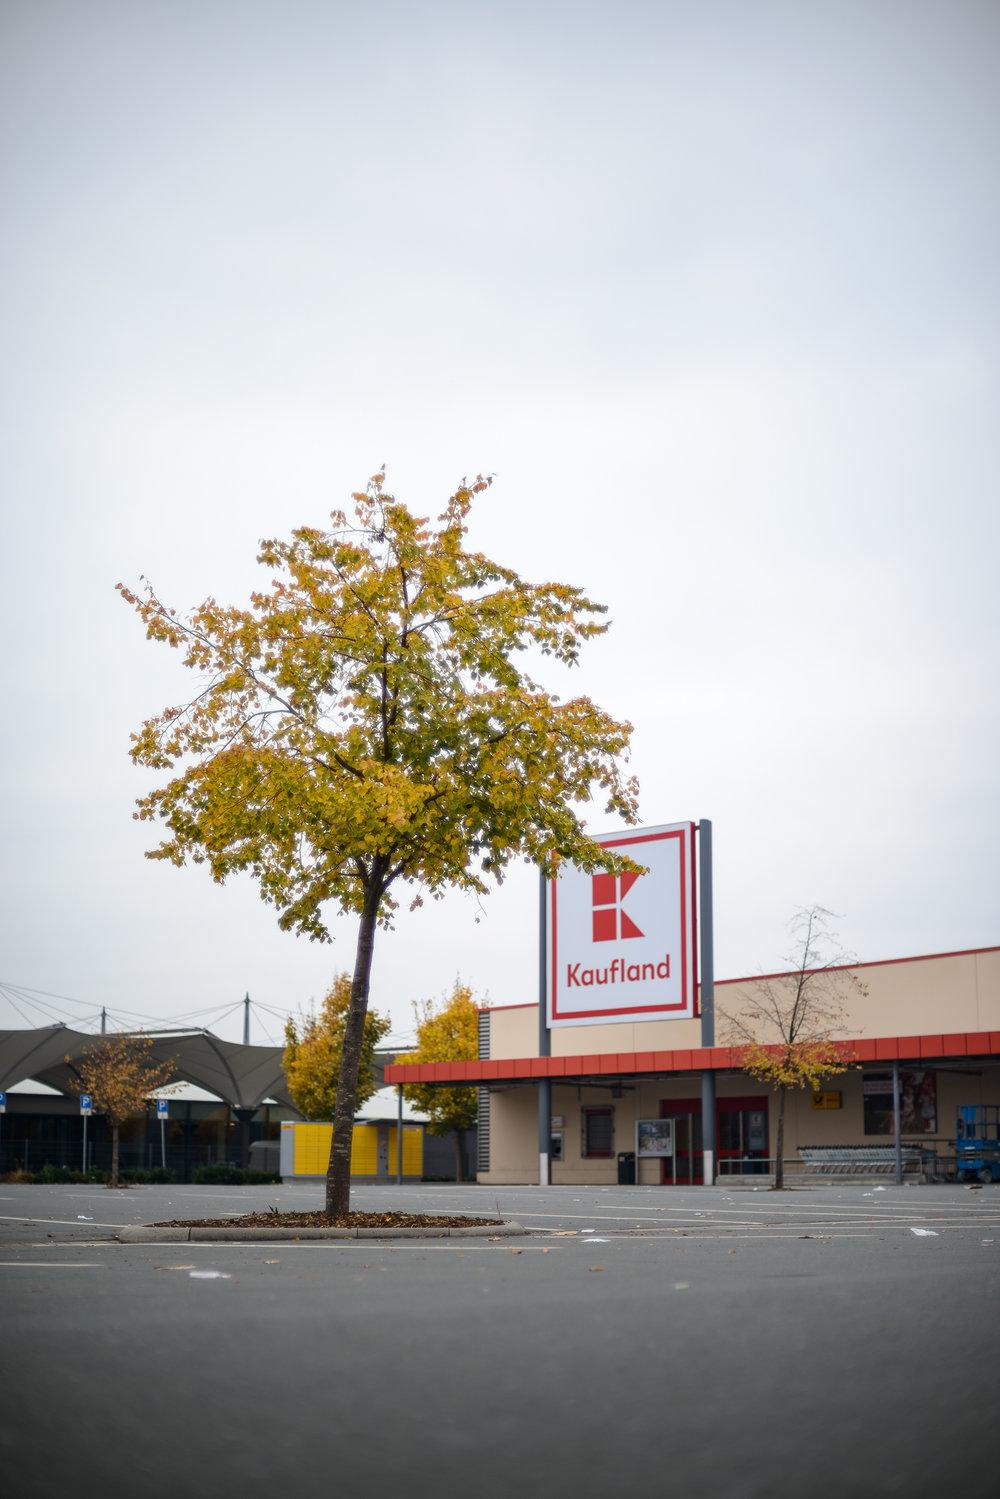 Supermarkt-Parkplatz_Kaufland_20181104_0004_2500px.jpg